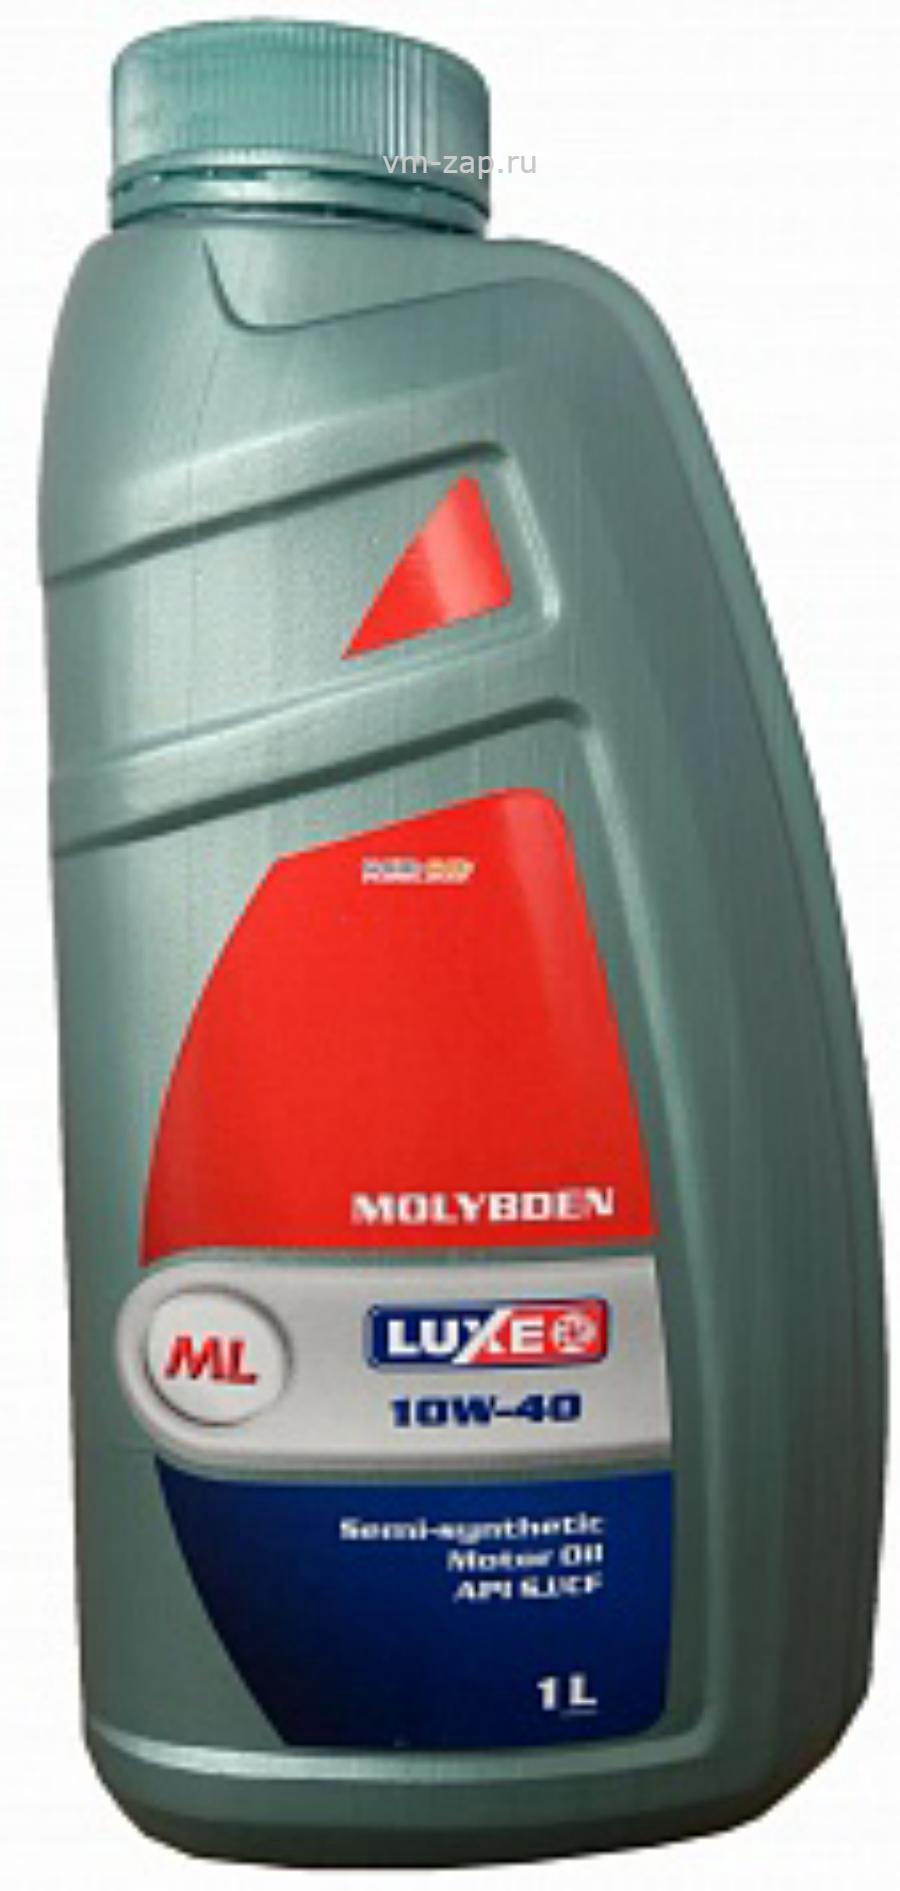 Масло моторное полусинтетическое Molybden 10W-40, 1л